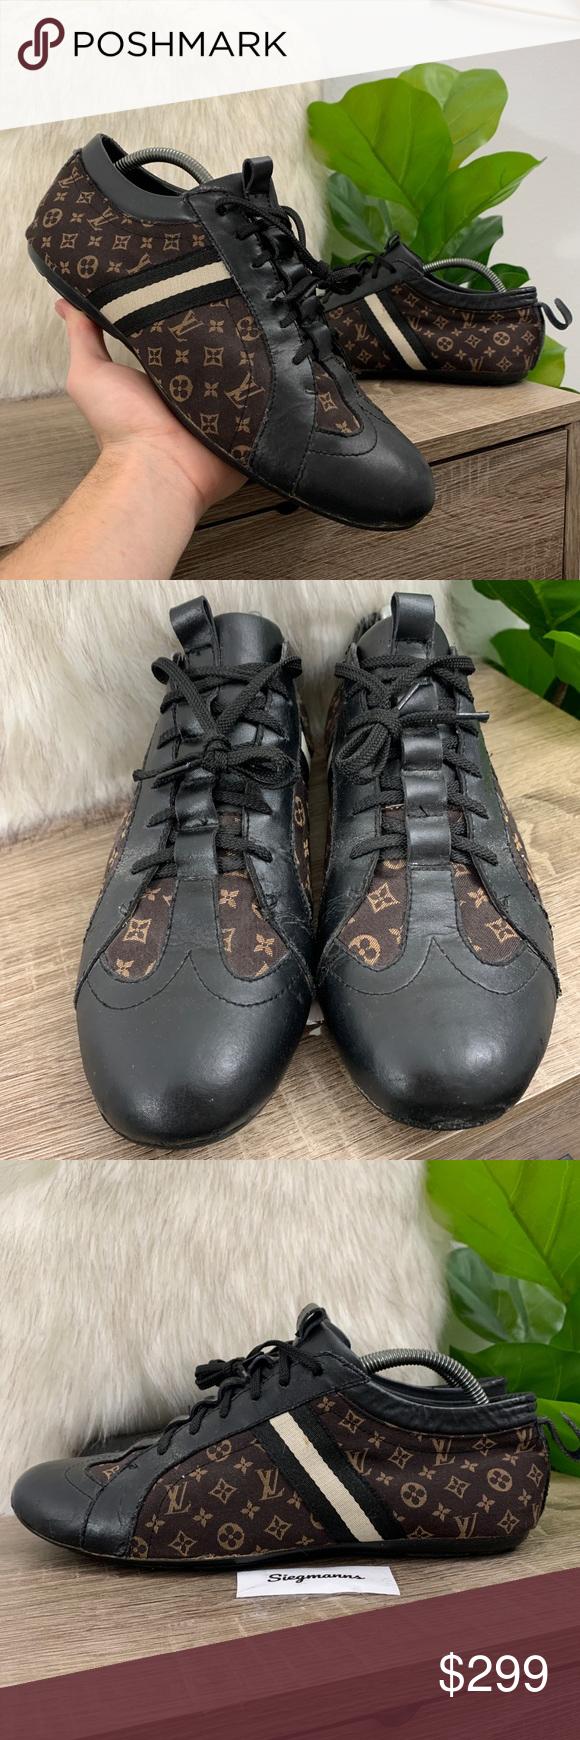 LOUIS VUITTON Vintage Shoes Brown